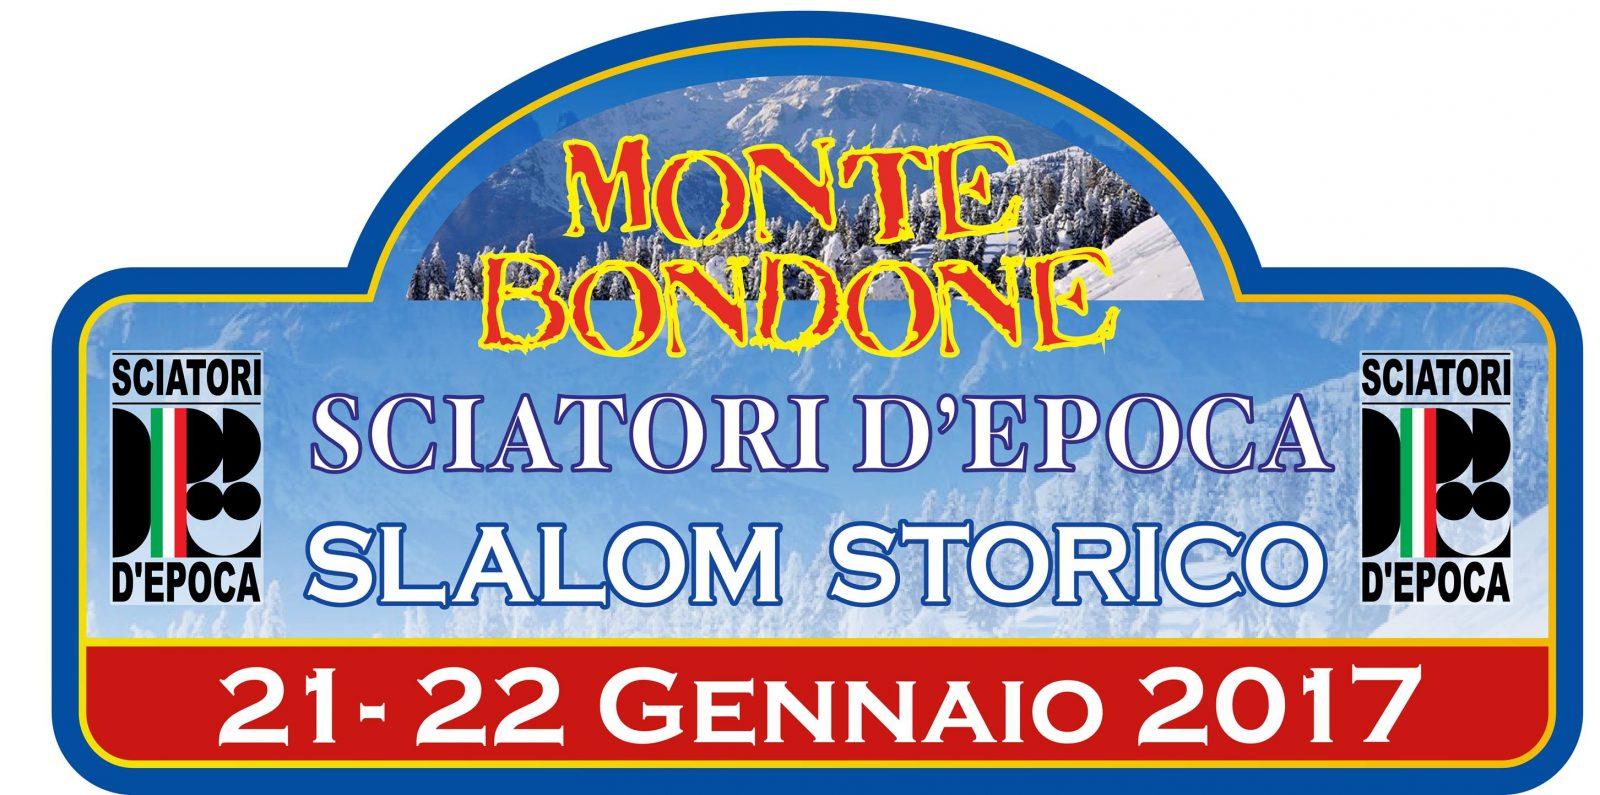 Monte Bondone - Trentino - slalom storico vintage con sciatori d'epoca 2017 - Credits Sciatori d'Epoca Monte Bondone